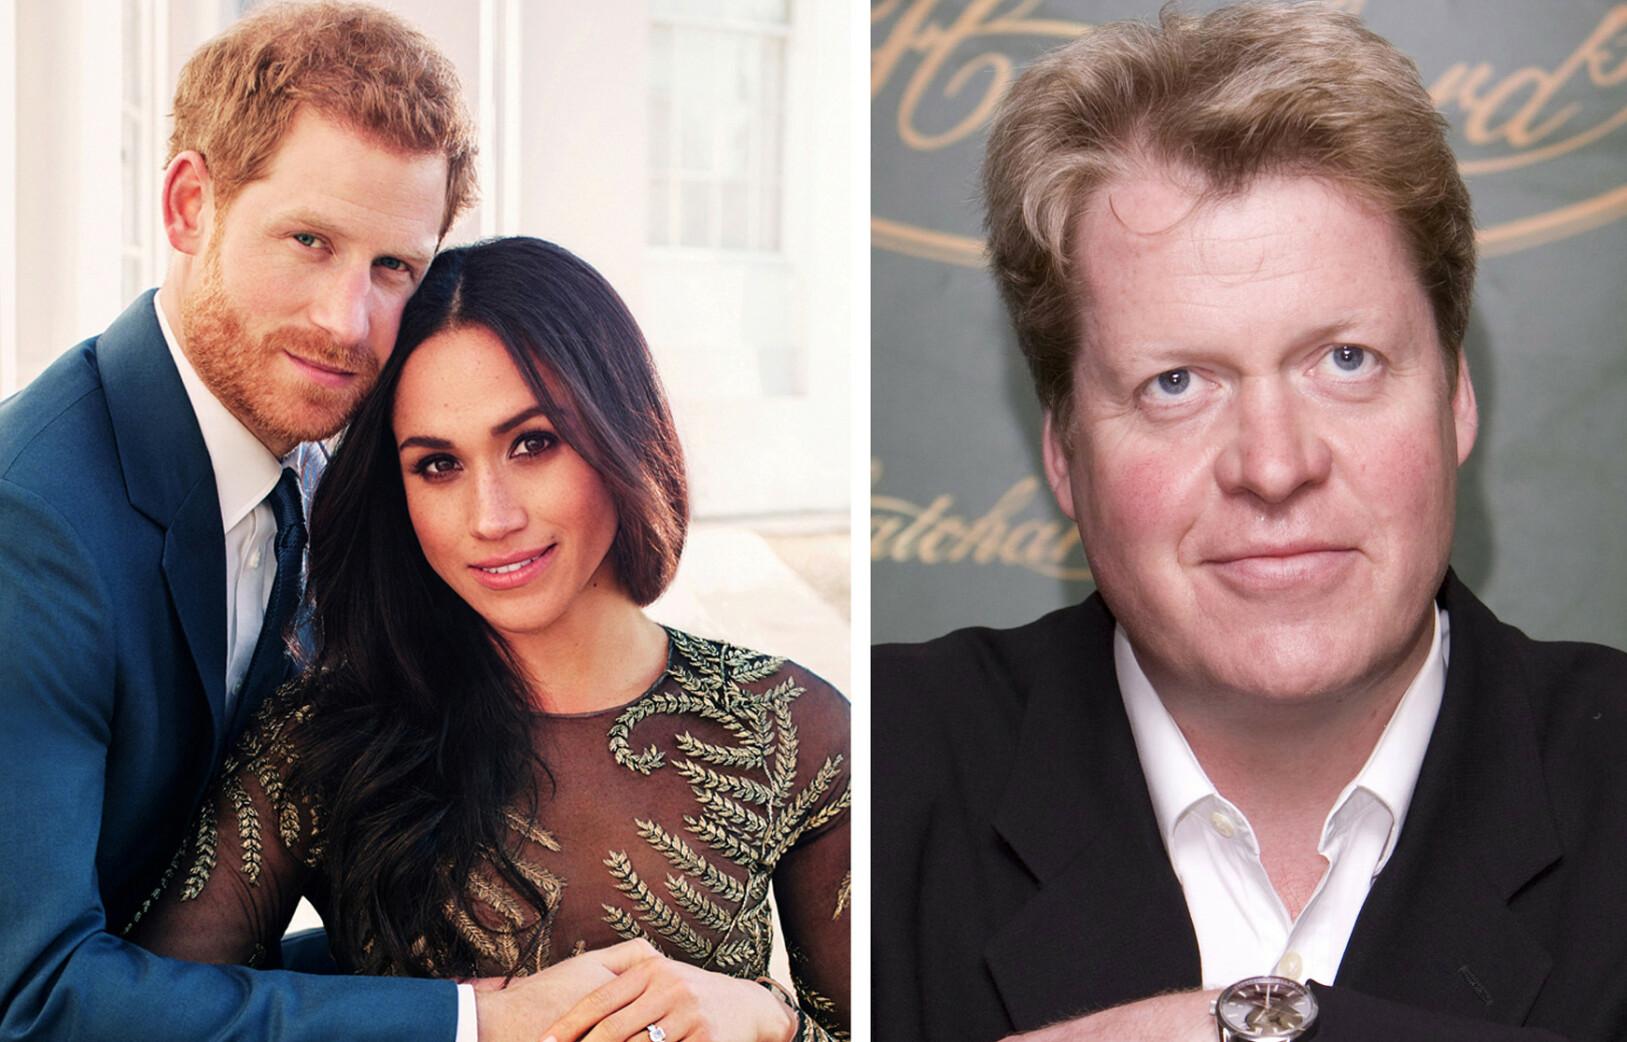 NYTT FAMILIEMEDLEM: Charles Spencer, prins Harrys onkel, jubler over å ha fått et nytt familiemedlem - som også er tyr, slik han selv er. FOTO: NTB Scanpix